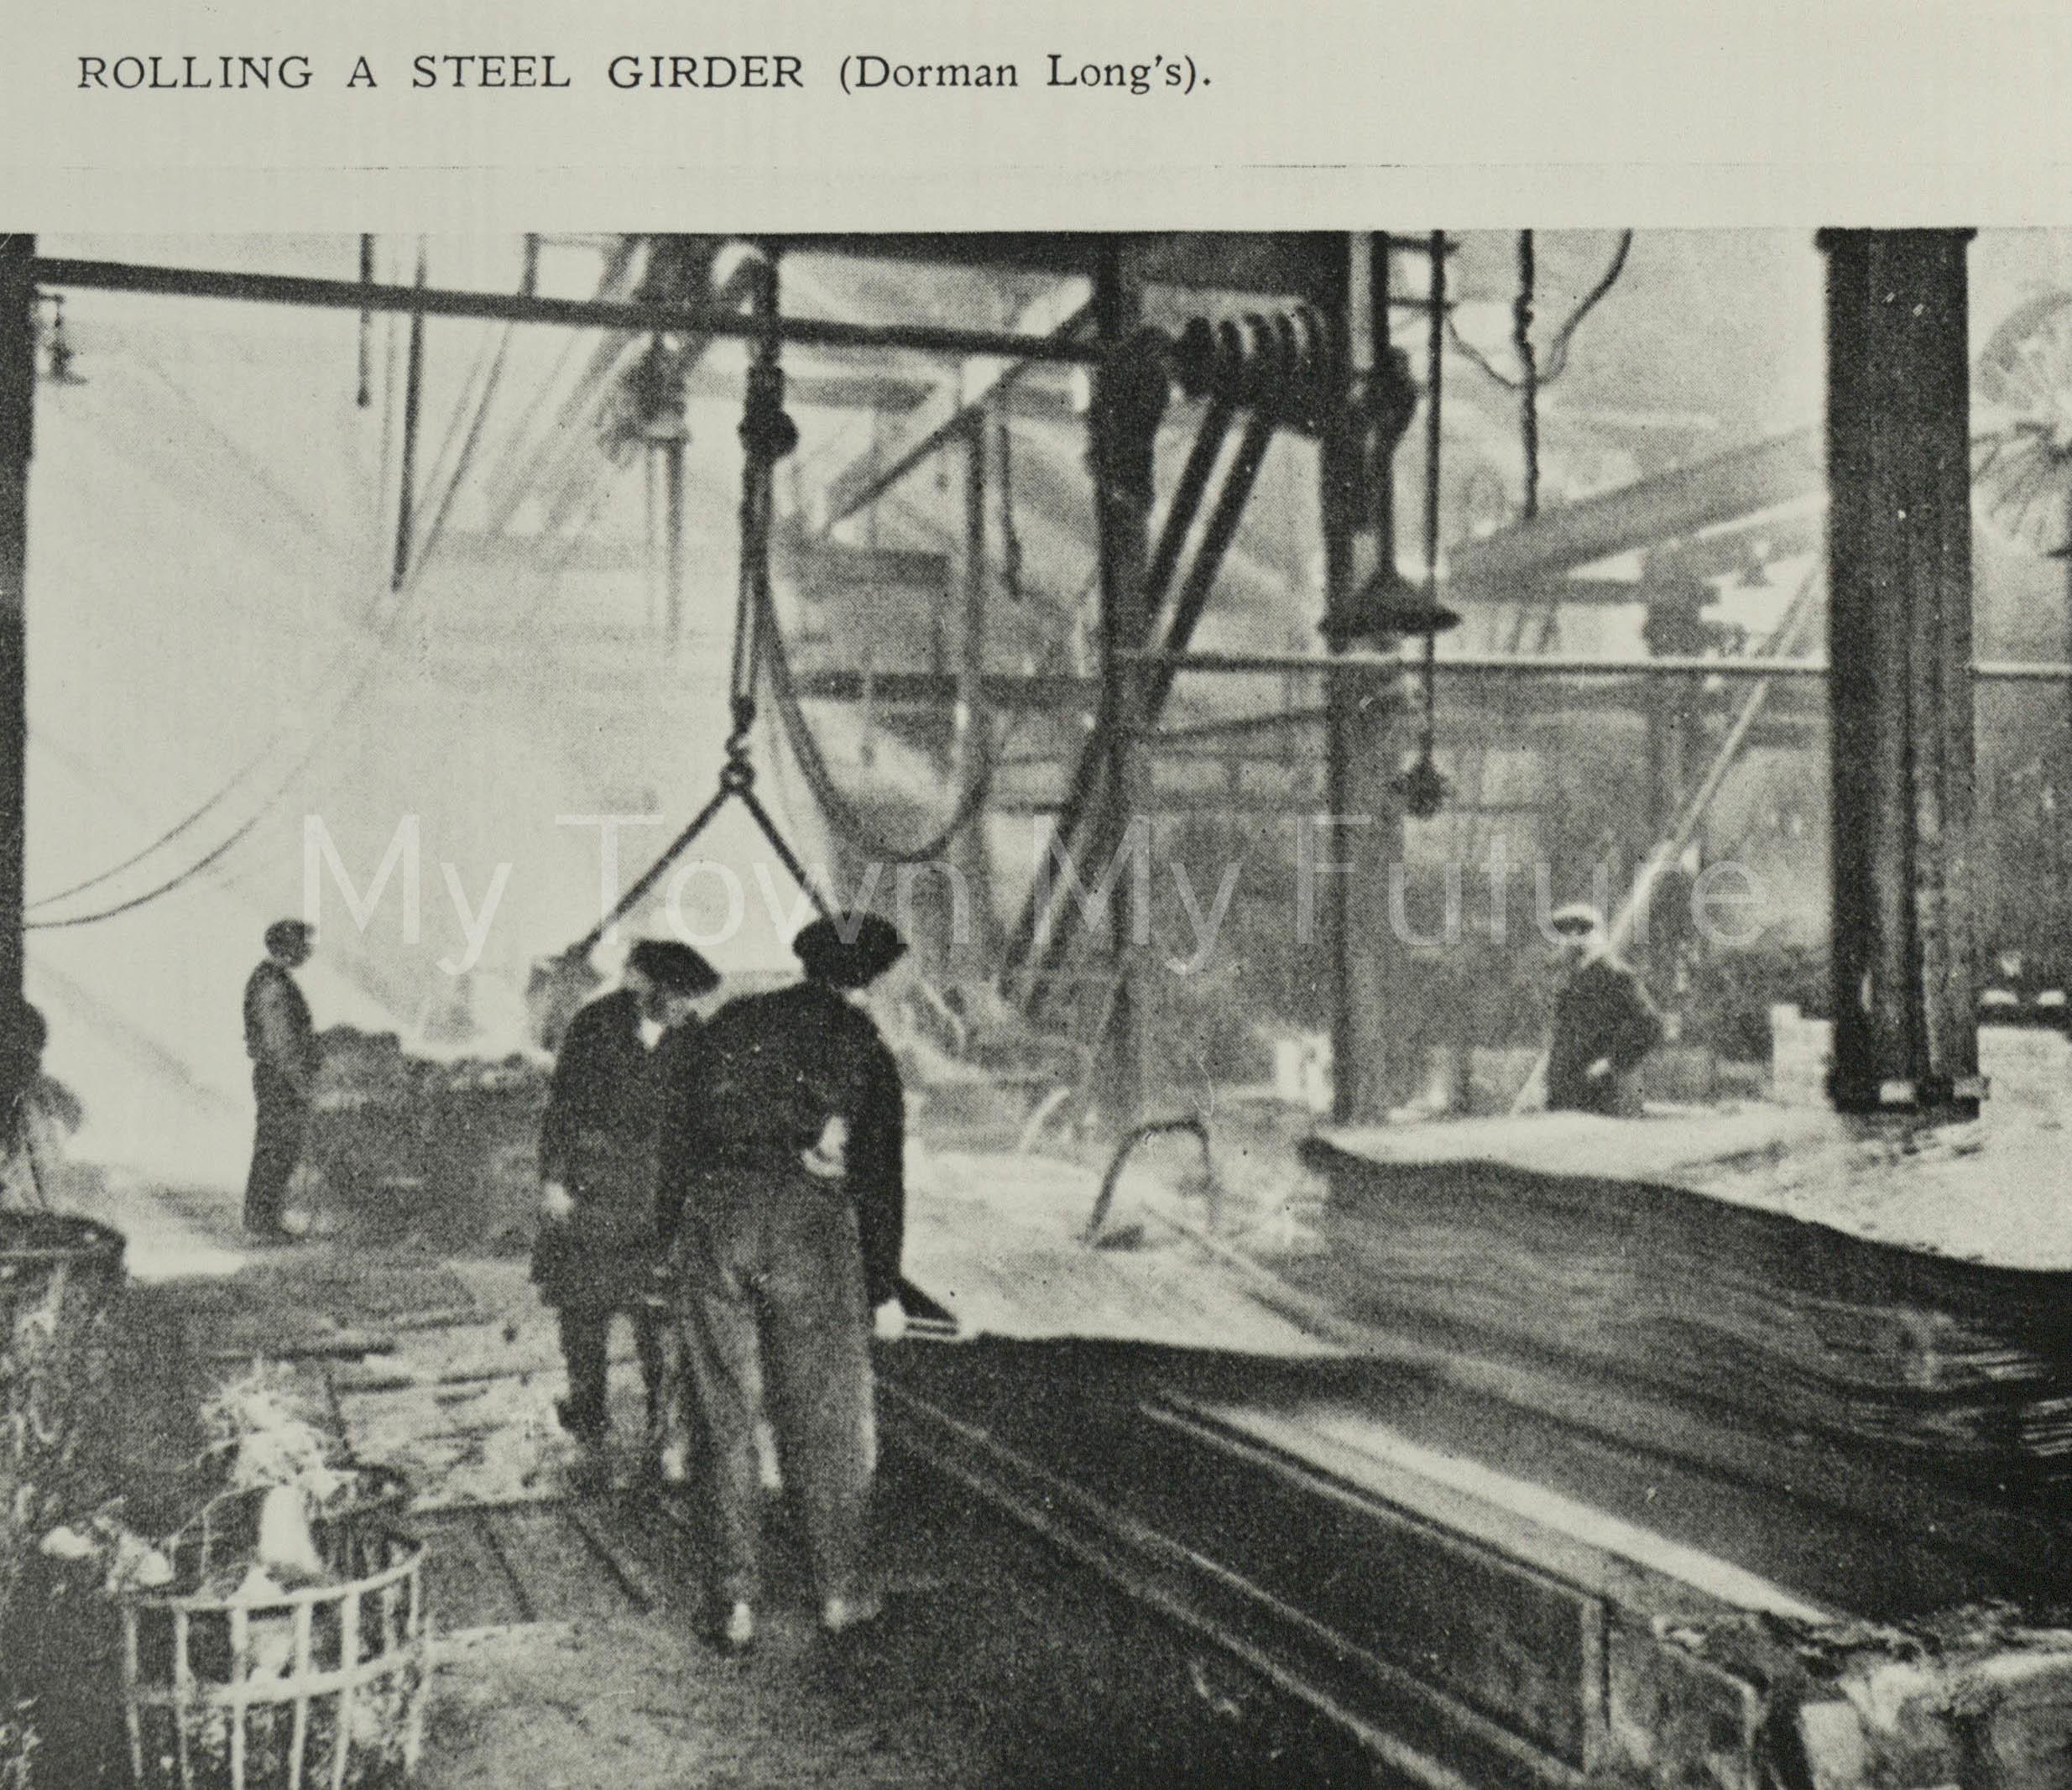 Dorman Long & Co